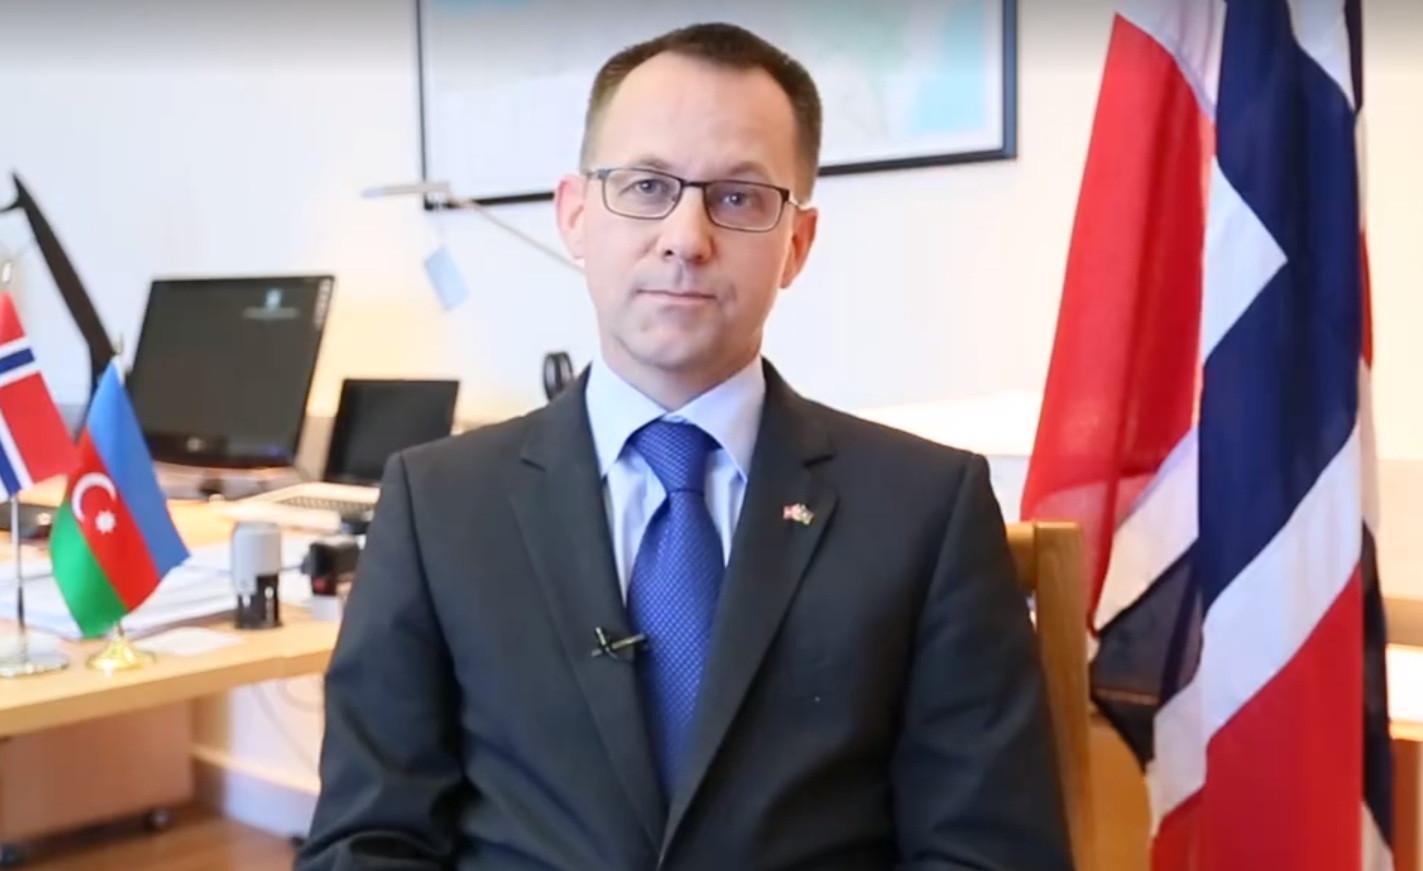 Посол Норвегии: Беседы с теми, кого затронул нагорно-карабахский конфликт, потрясли меня - ИНТЕРВЬЮ